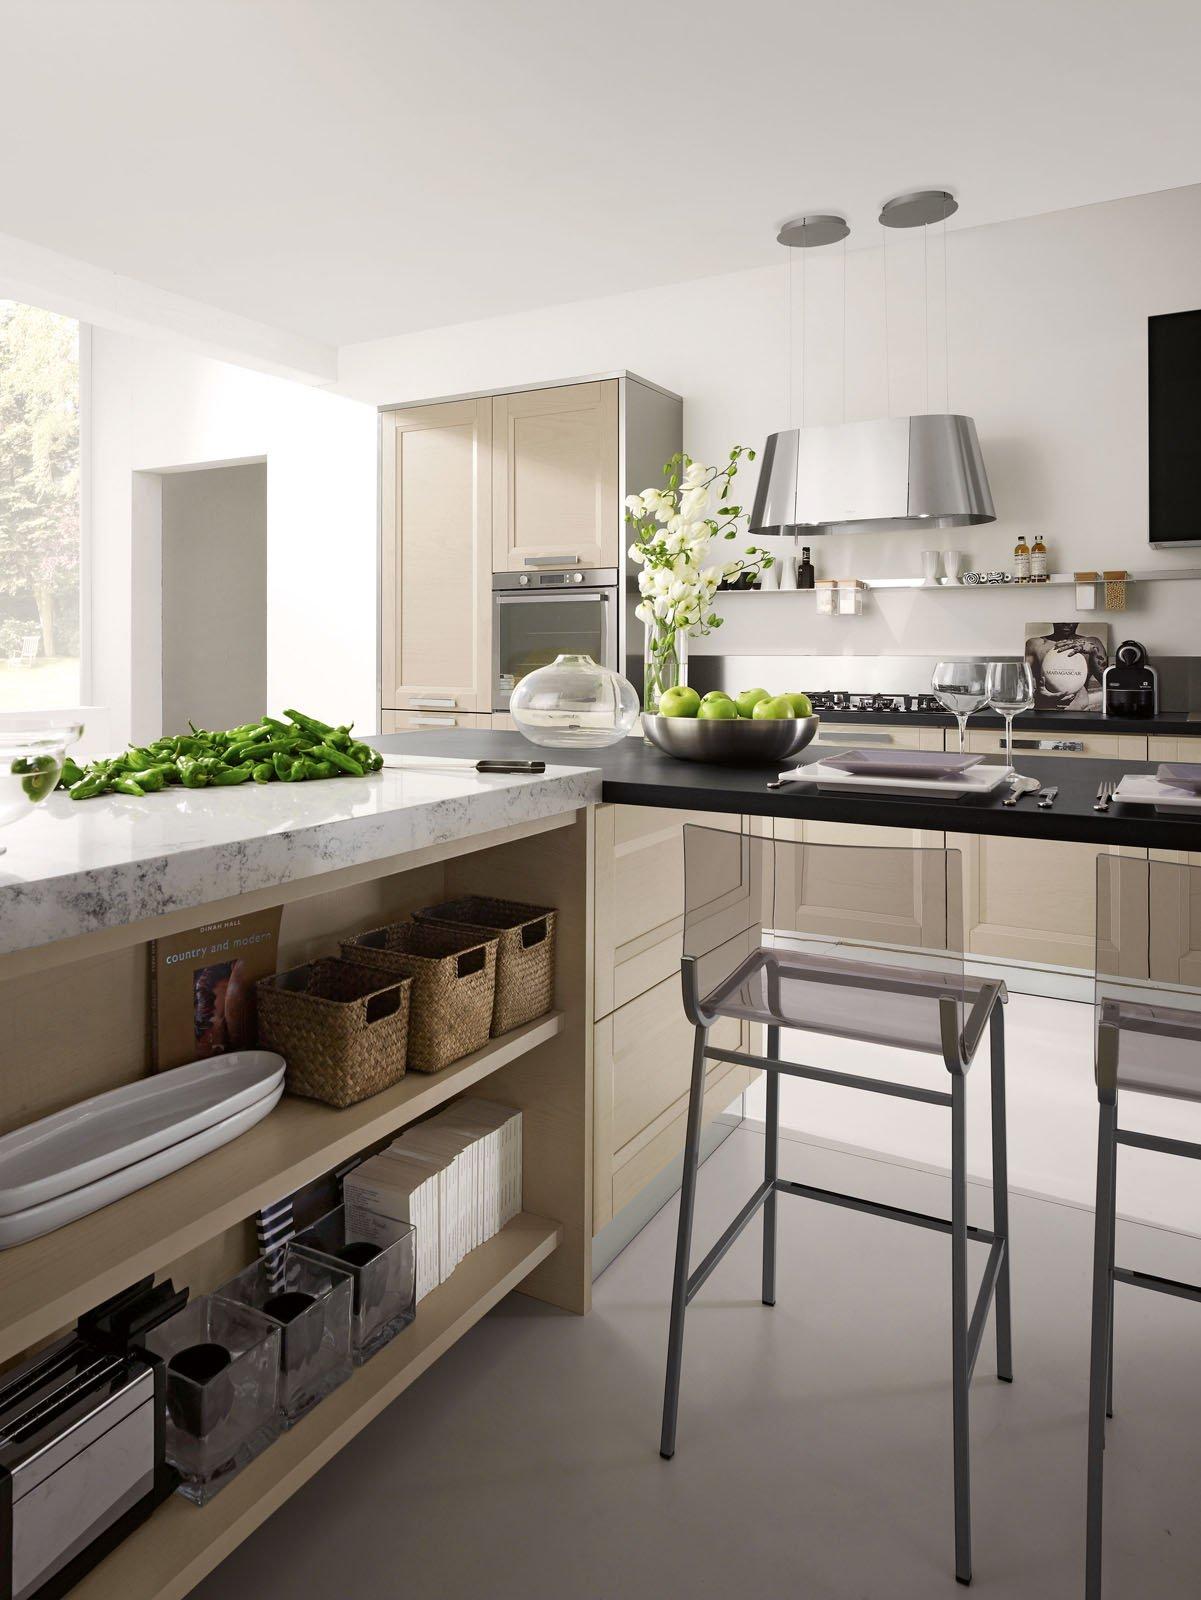 Cucine con isola cose di casa - Cucine con isola ...